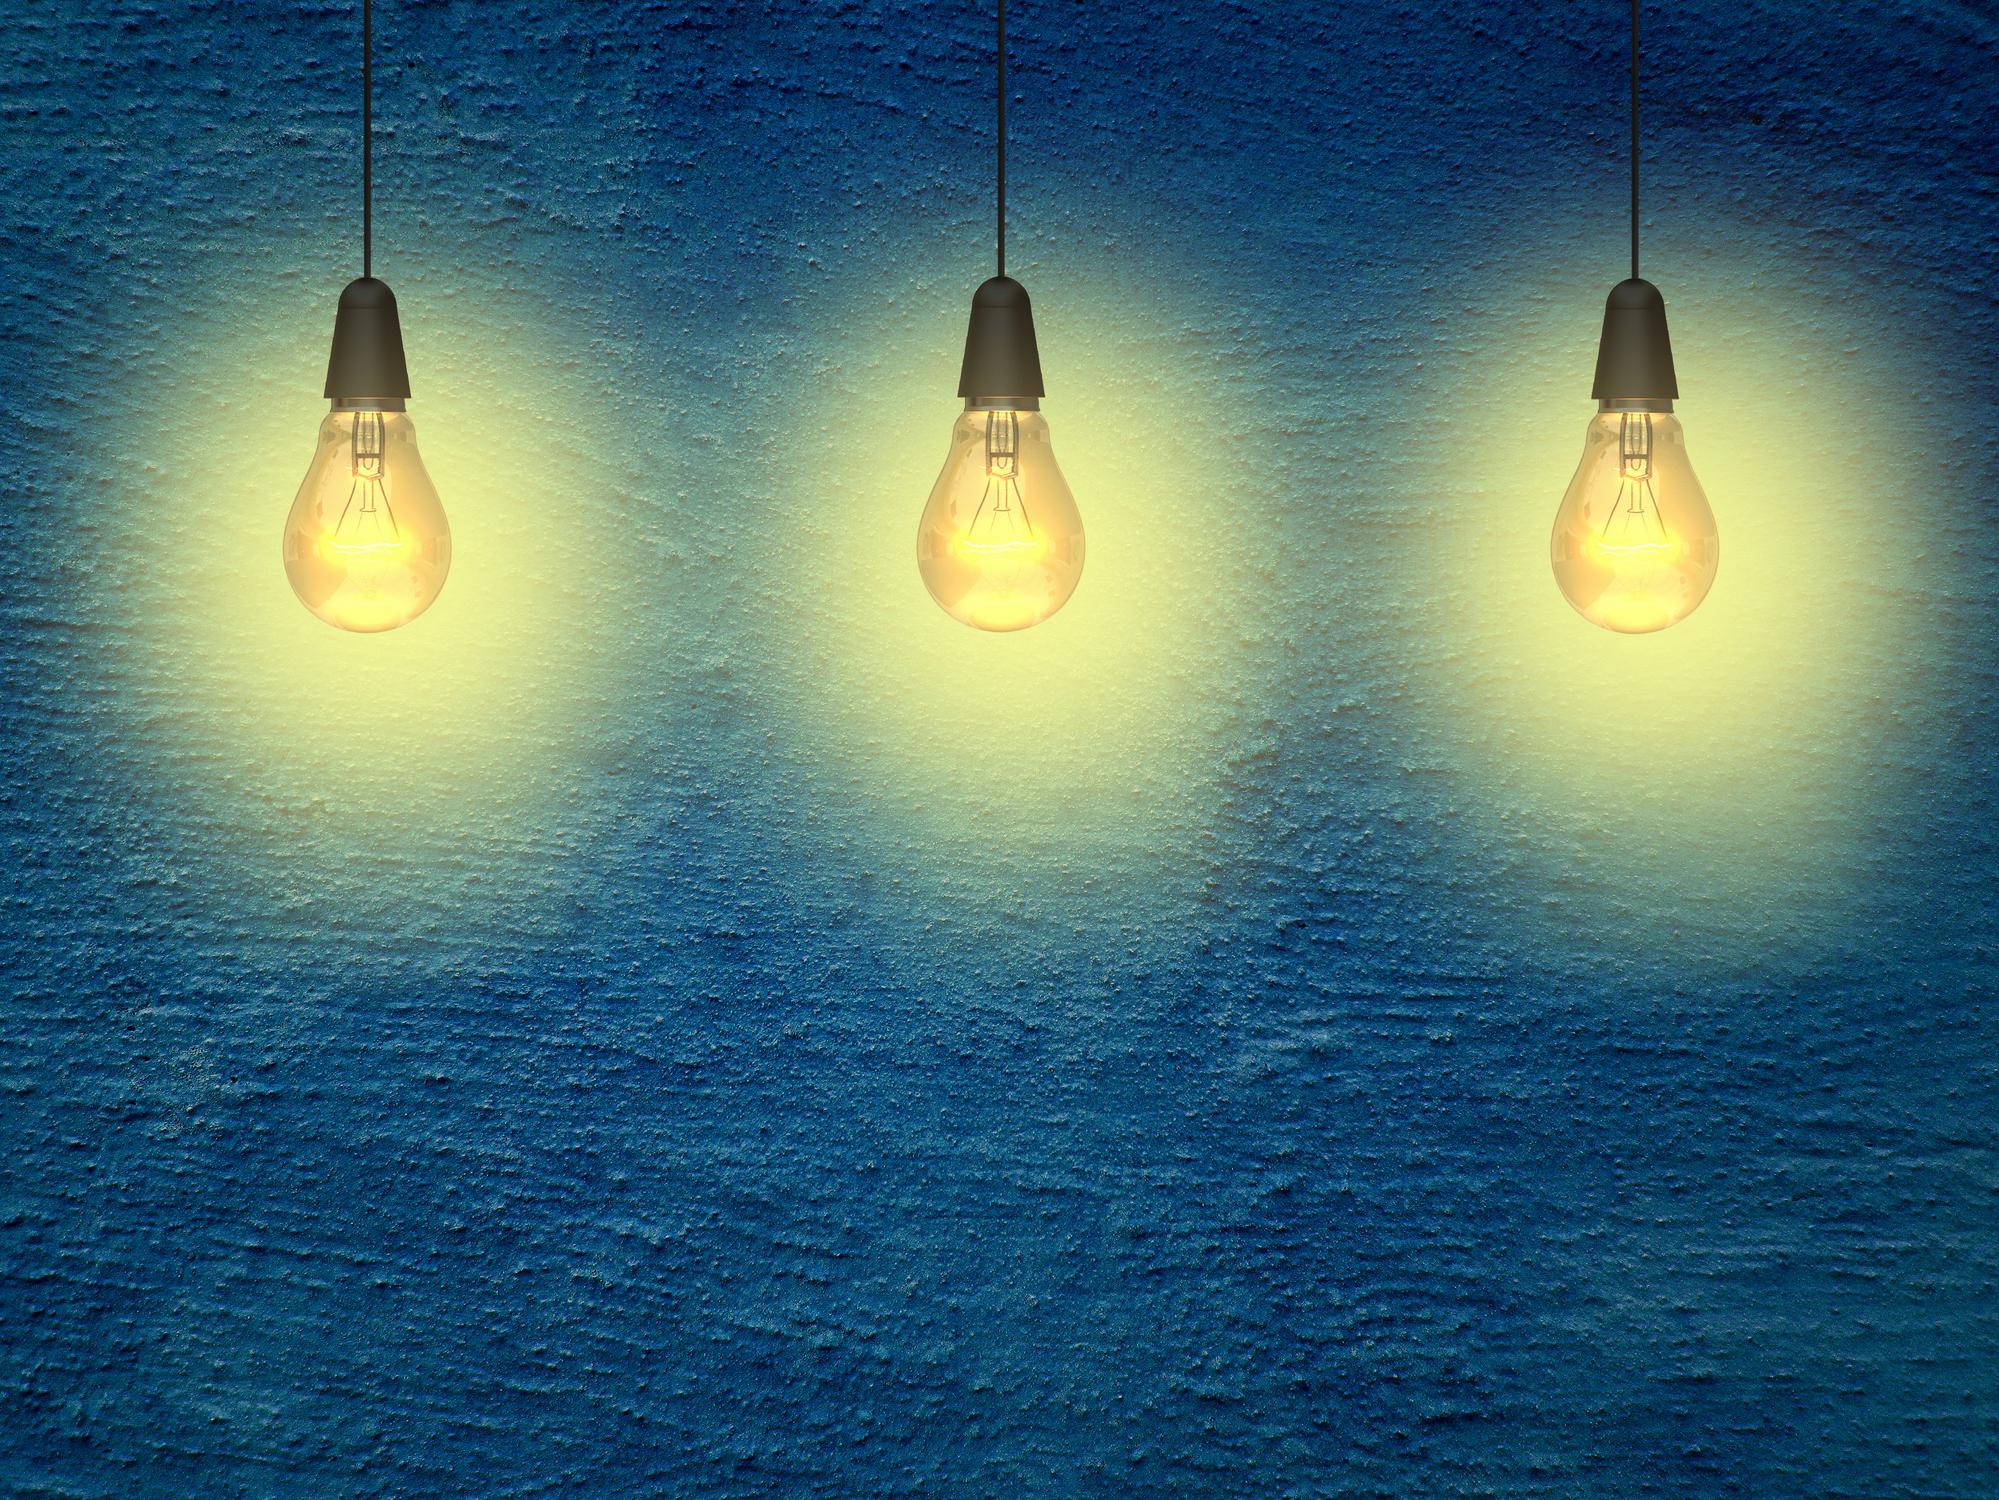 IStock-Three Lights.jpg